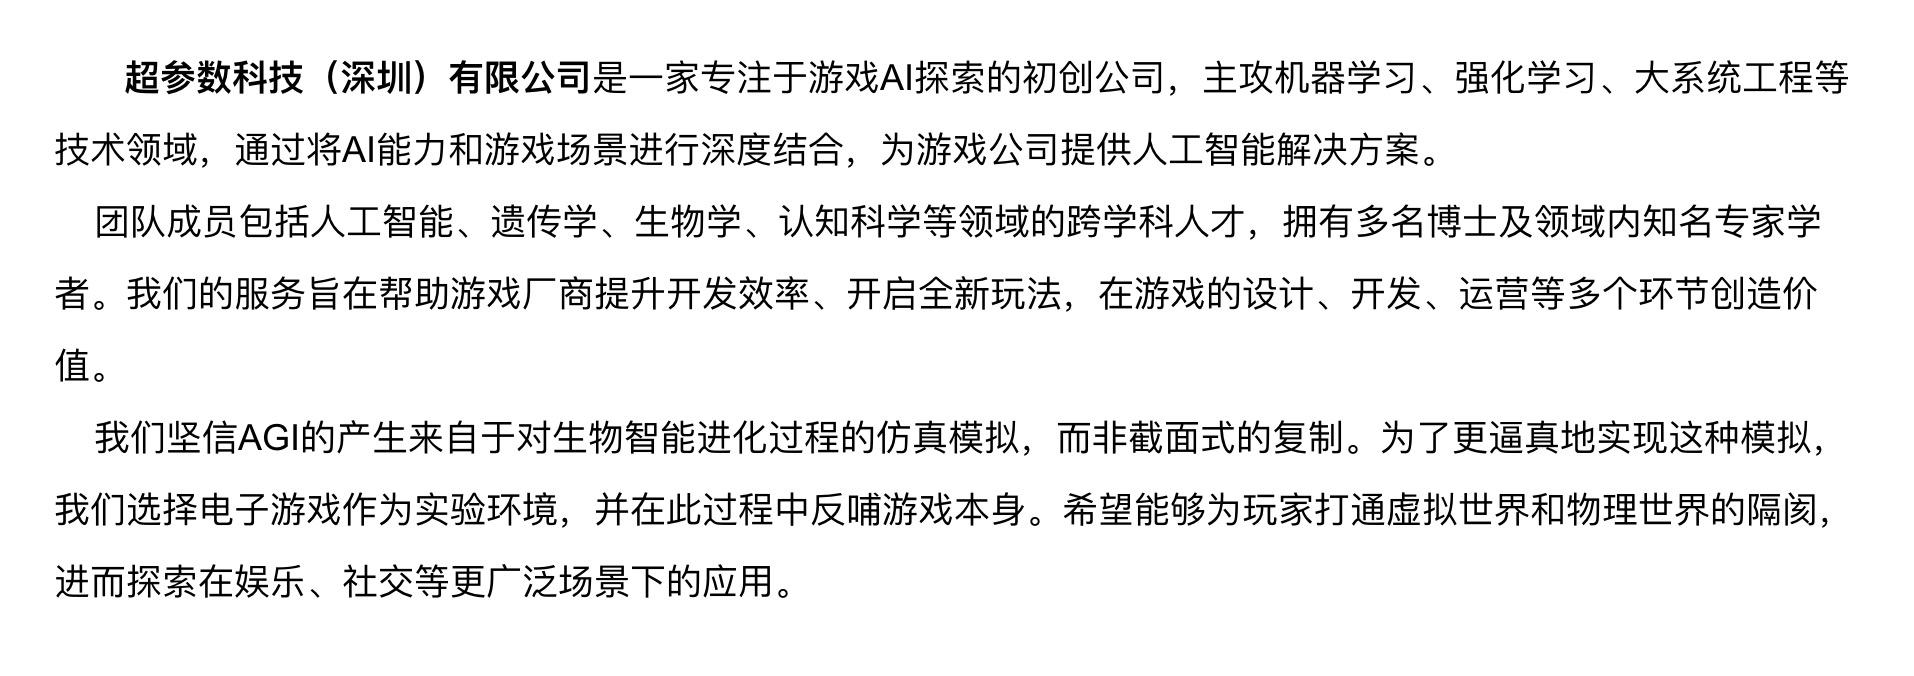 超参数科技(深圳)有限公司招聘内推